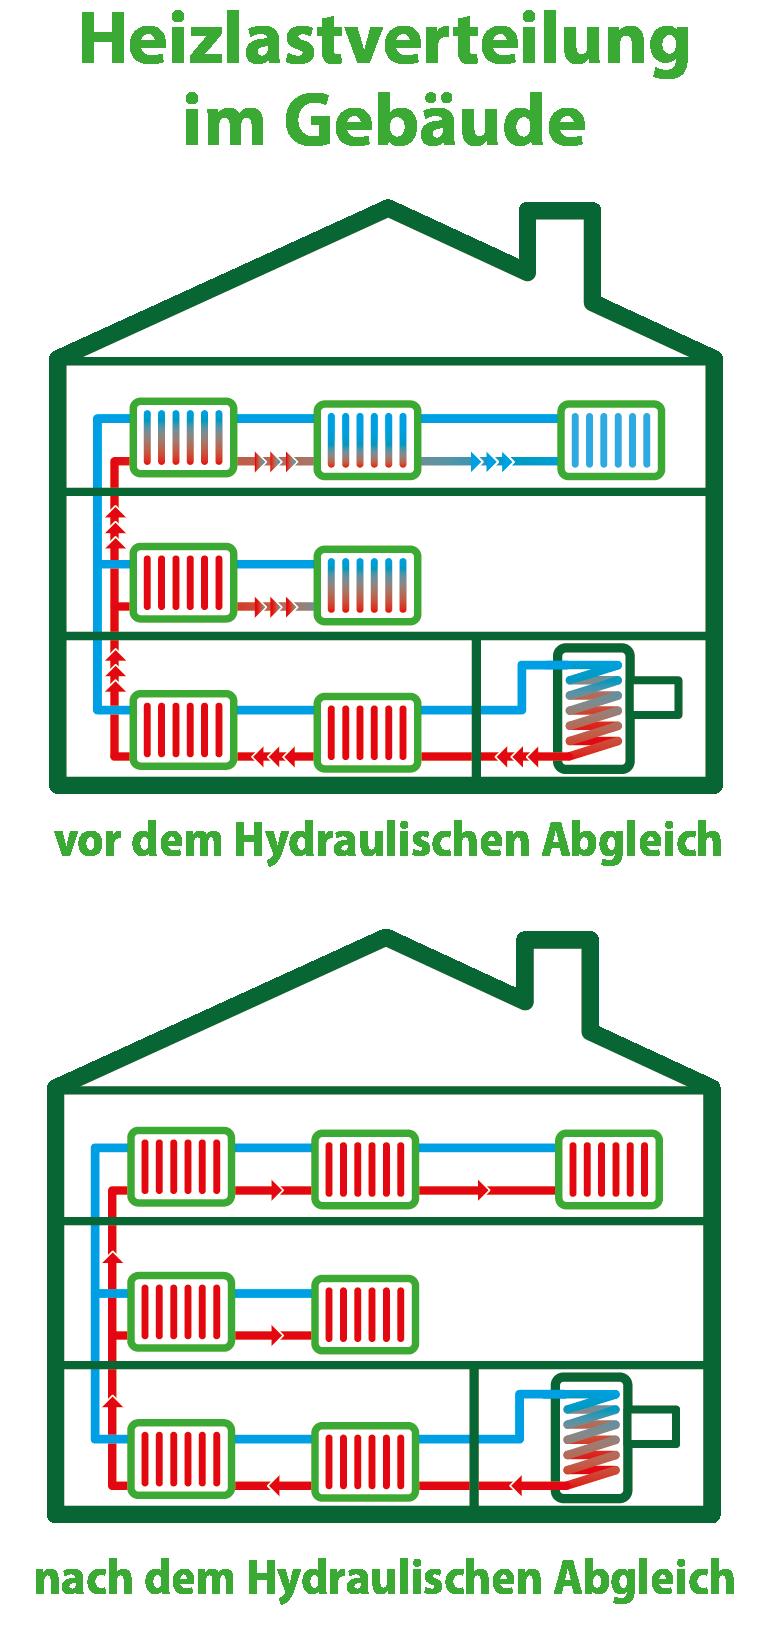 Hydraulischer Abgleich   Optimierung von Heizungsanlagen